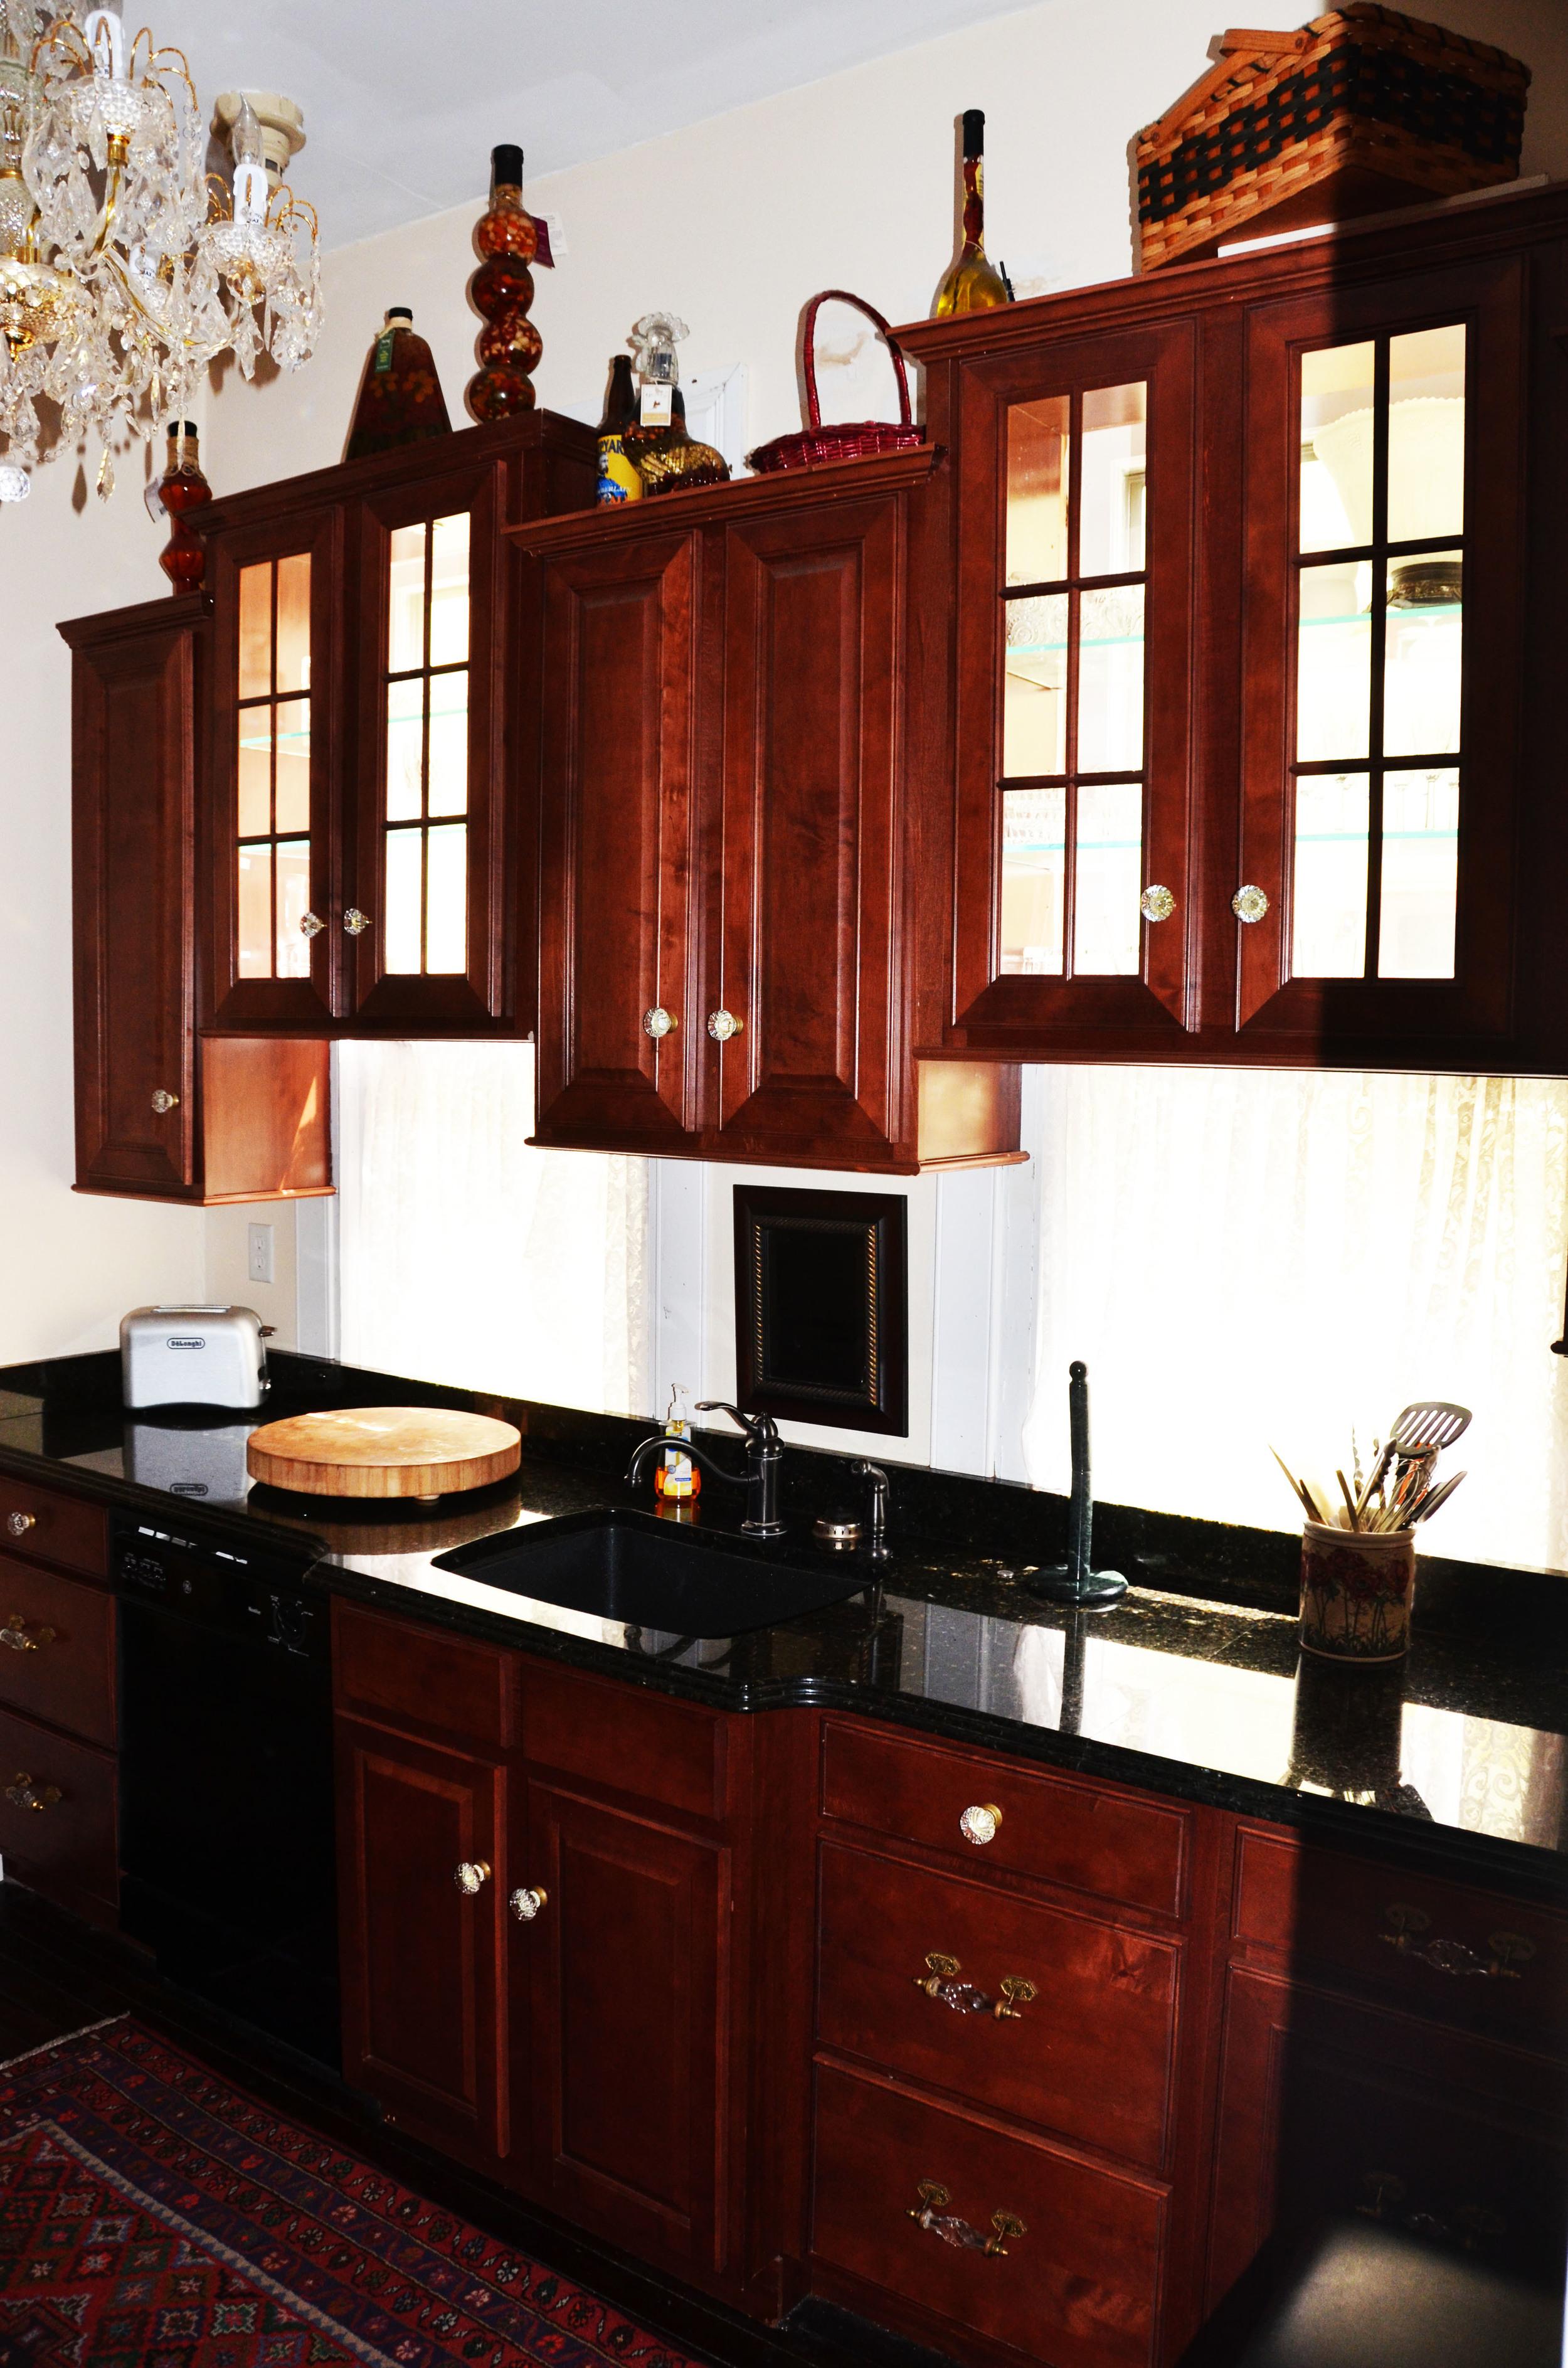 Kitchen1-4 copy.jpg